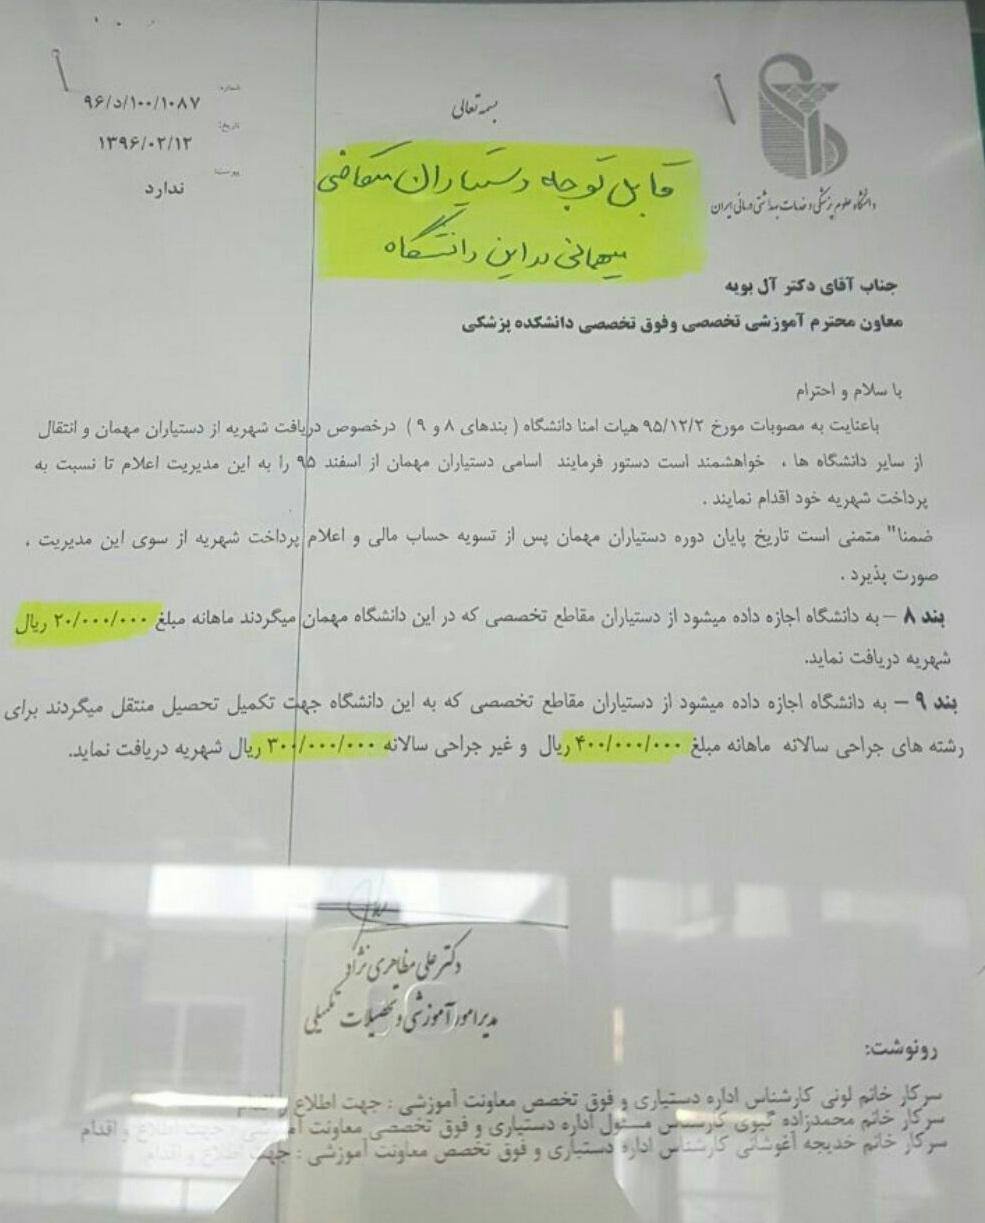 چند ده میلیون پول بدهید، در دانشگاه علوم پزشکی ایران مدرک بگیرید!